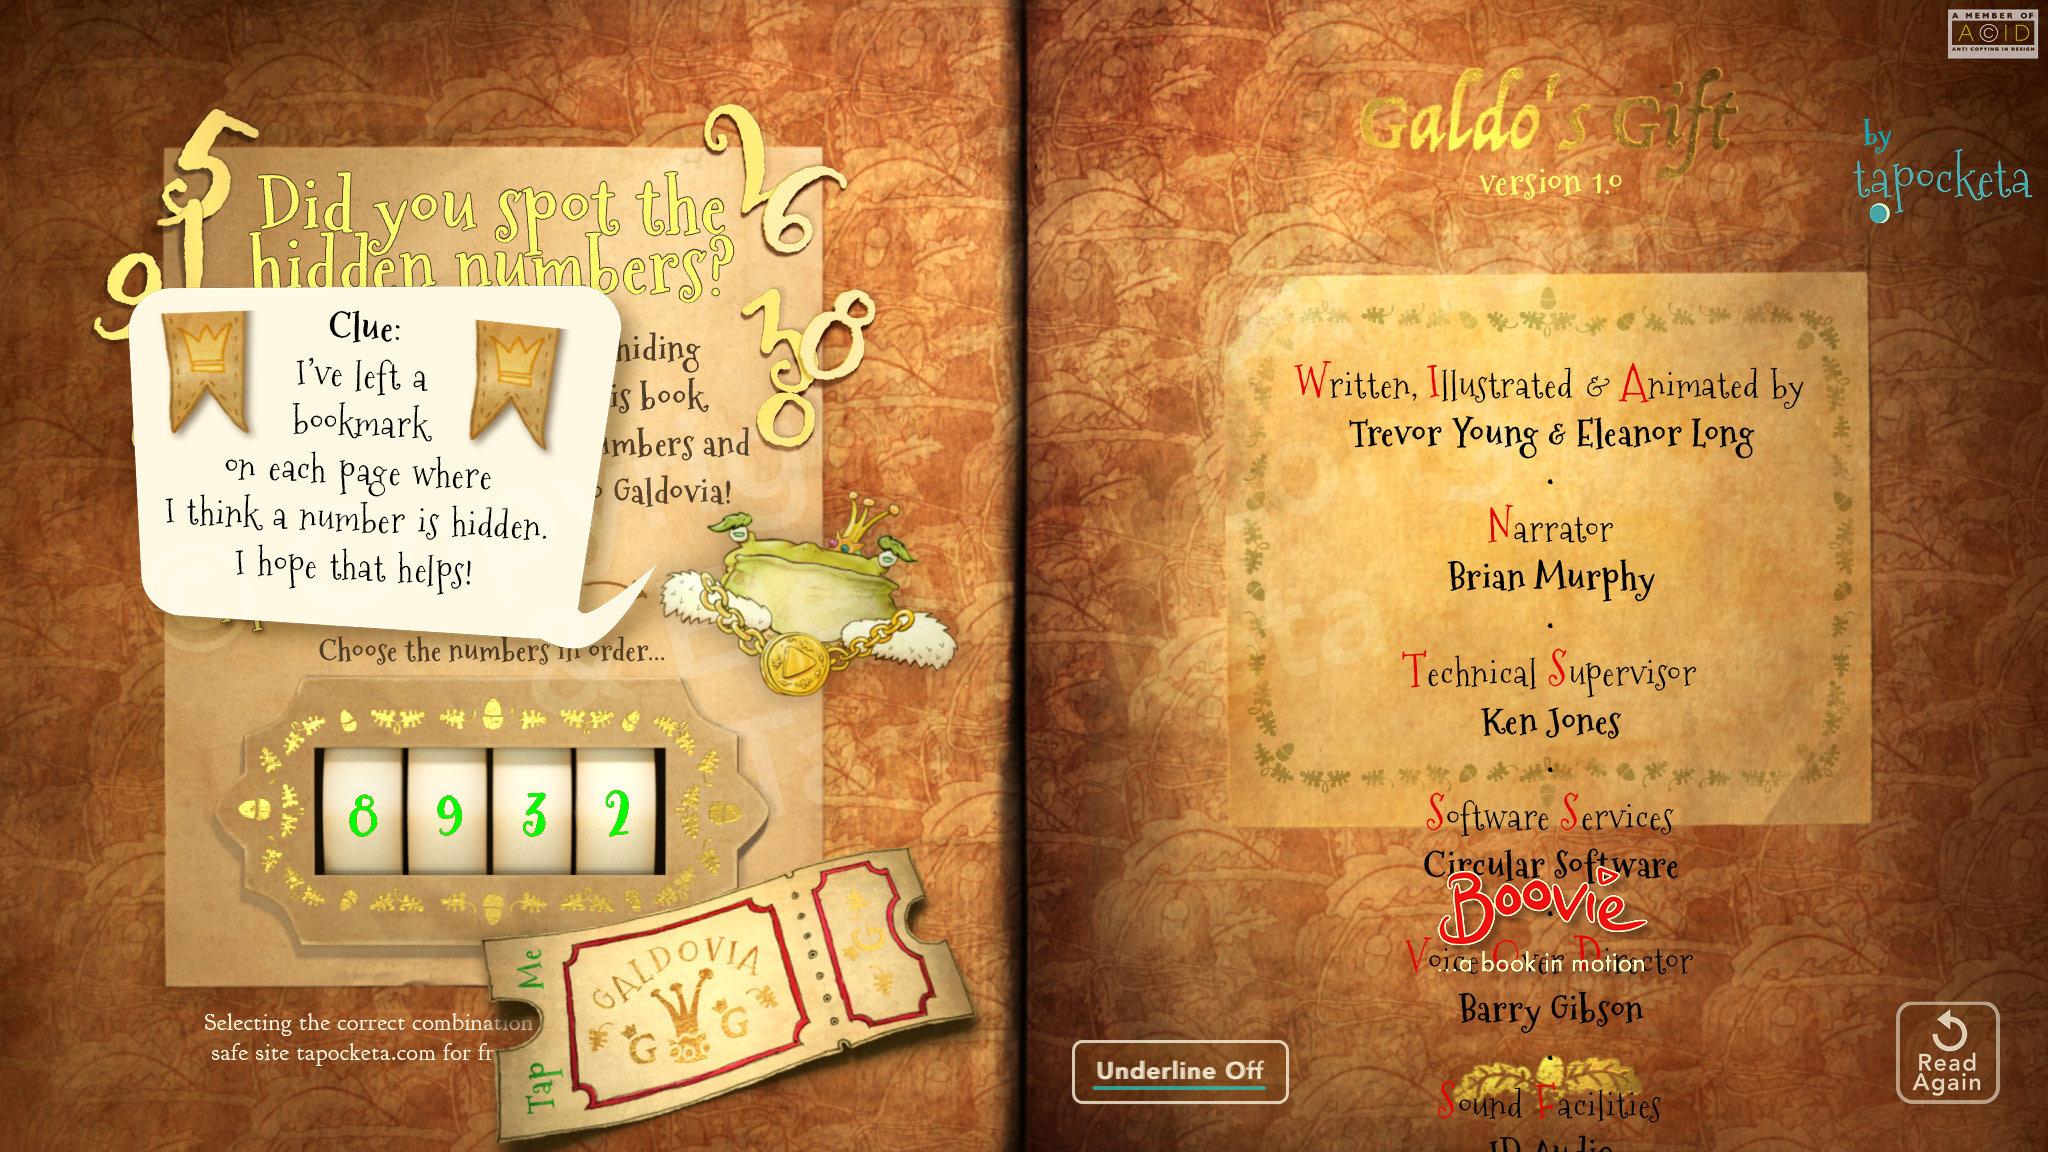 Tapocketa_GaldosGift_V24_eBookWmark32.jpg